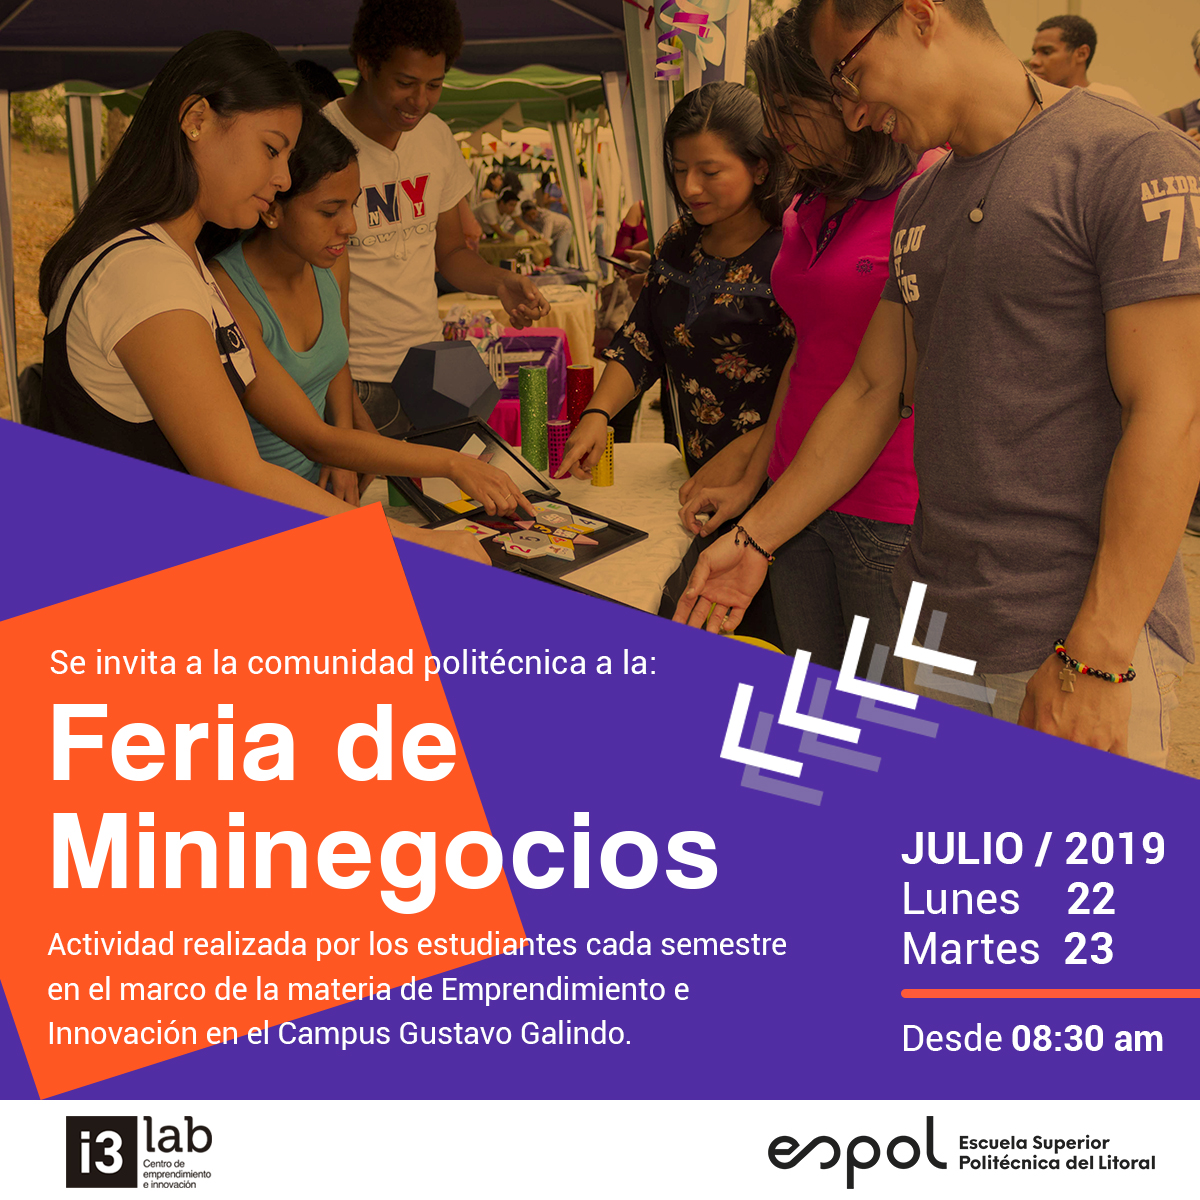 Feria mininegocios.jpg